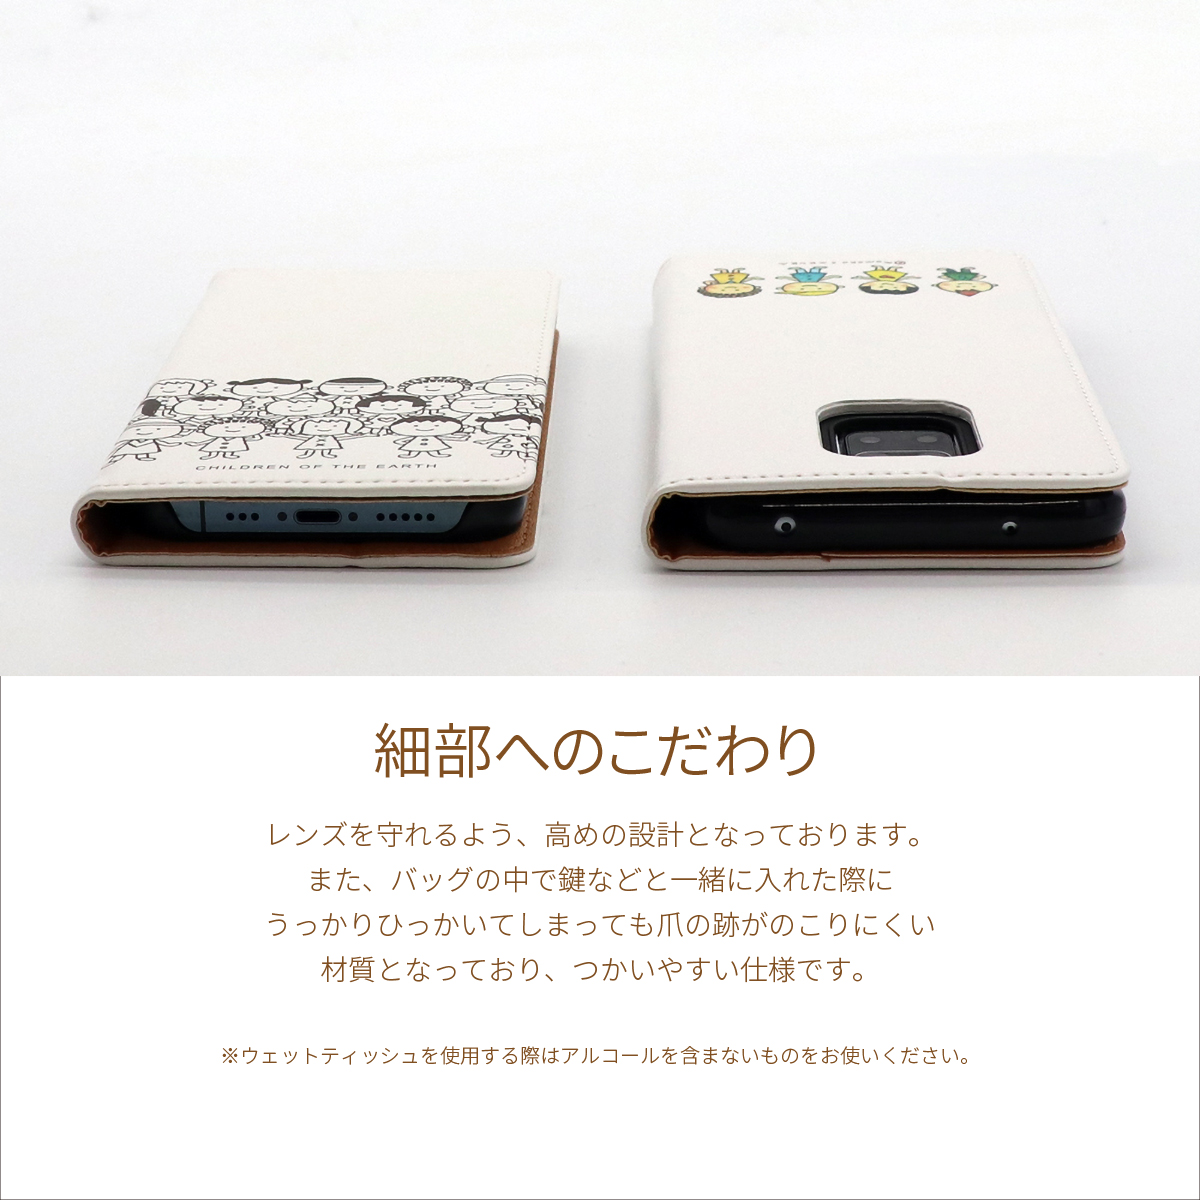 さくらももこ 地球の子供たち TCL ケース TCL 10 Lite TCL 10 Pro 手帳型 ベルト無し ブック型ケース 財布型 カバー シンプル 軽量 手帳型カバー 手帳型ケース カード収納 カードポケット スタンド ストラップホール